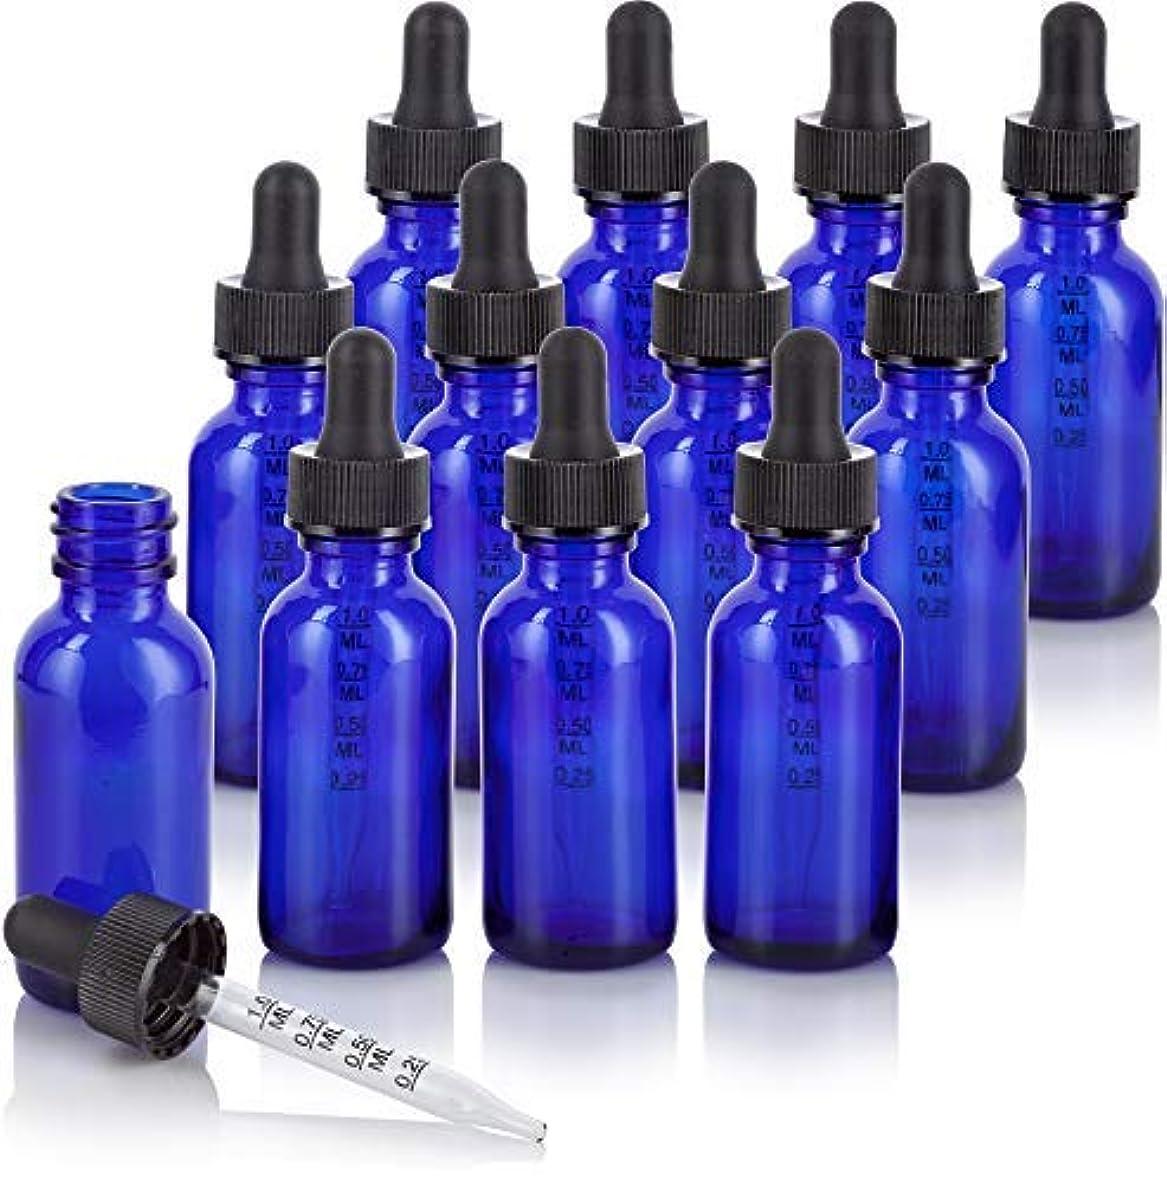 クリップラジウムスーパーマーケット1 oz Cobalt Blue Glass Boston Round Graduated Measurement Glass Dropper Bottle (12 pack) + Funnel for essential...